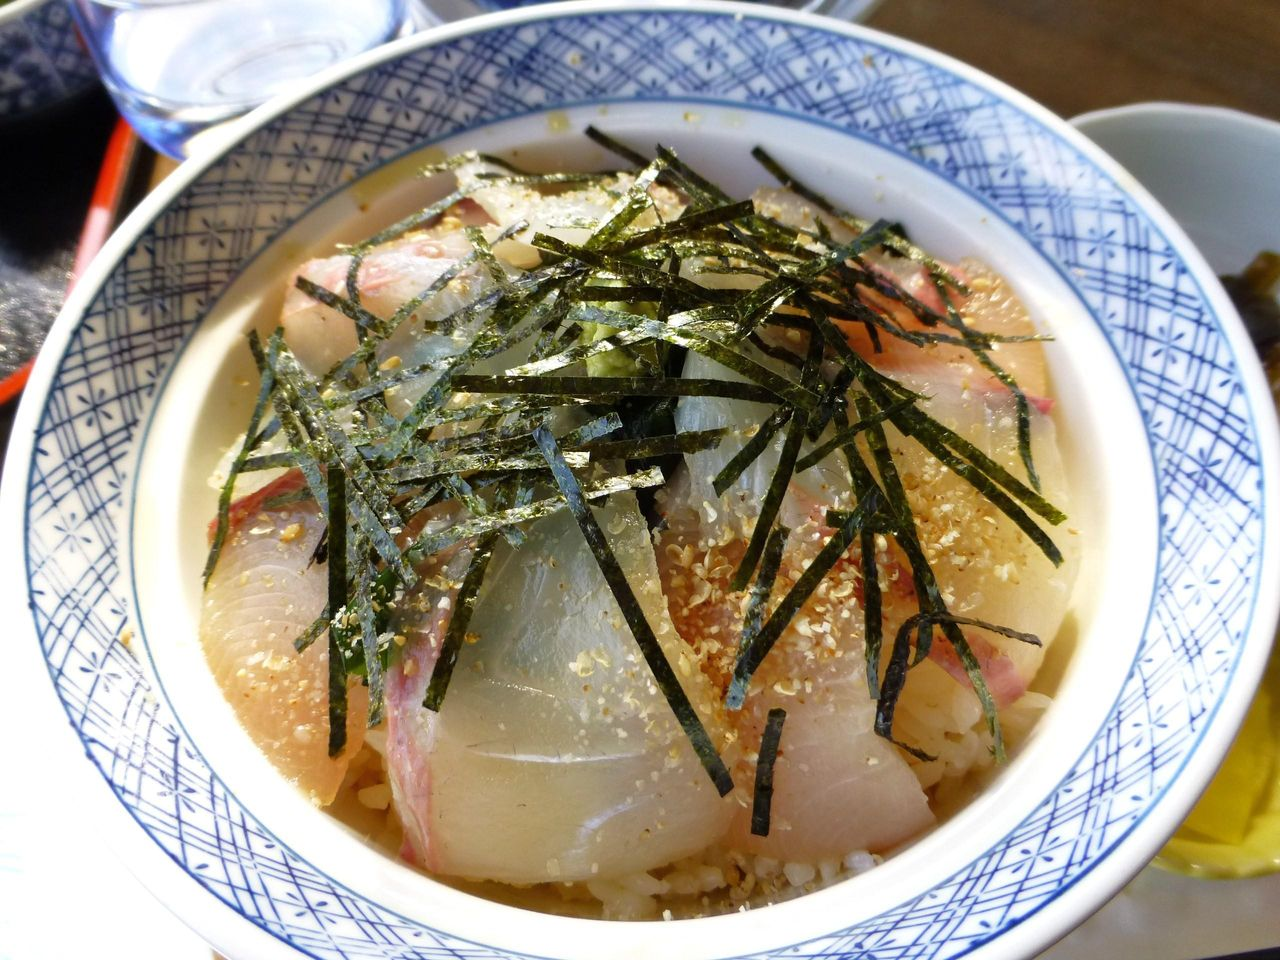 薄味のタレに漬けた鯛とハマチをのせた丼です!